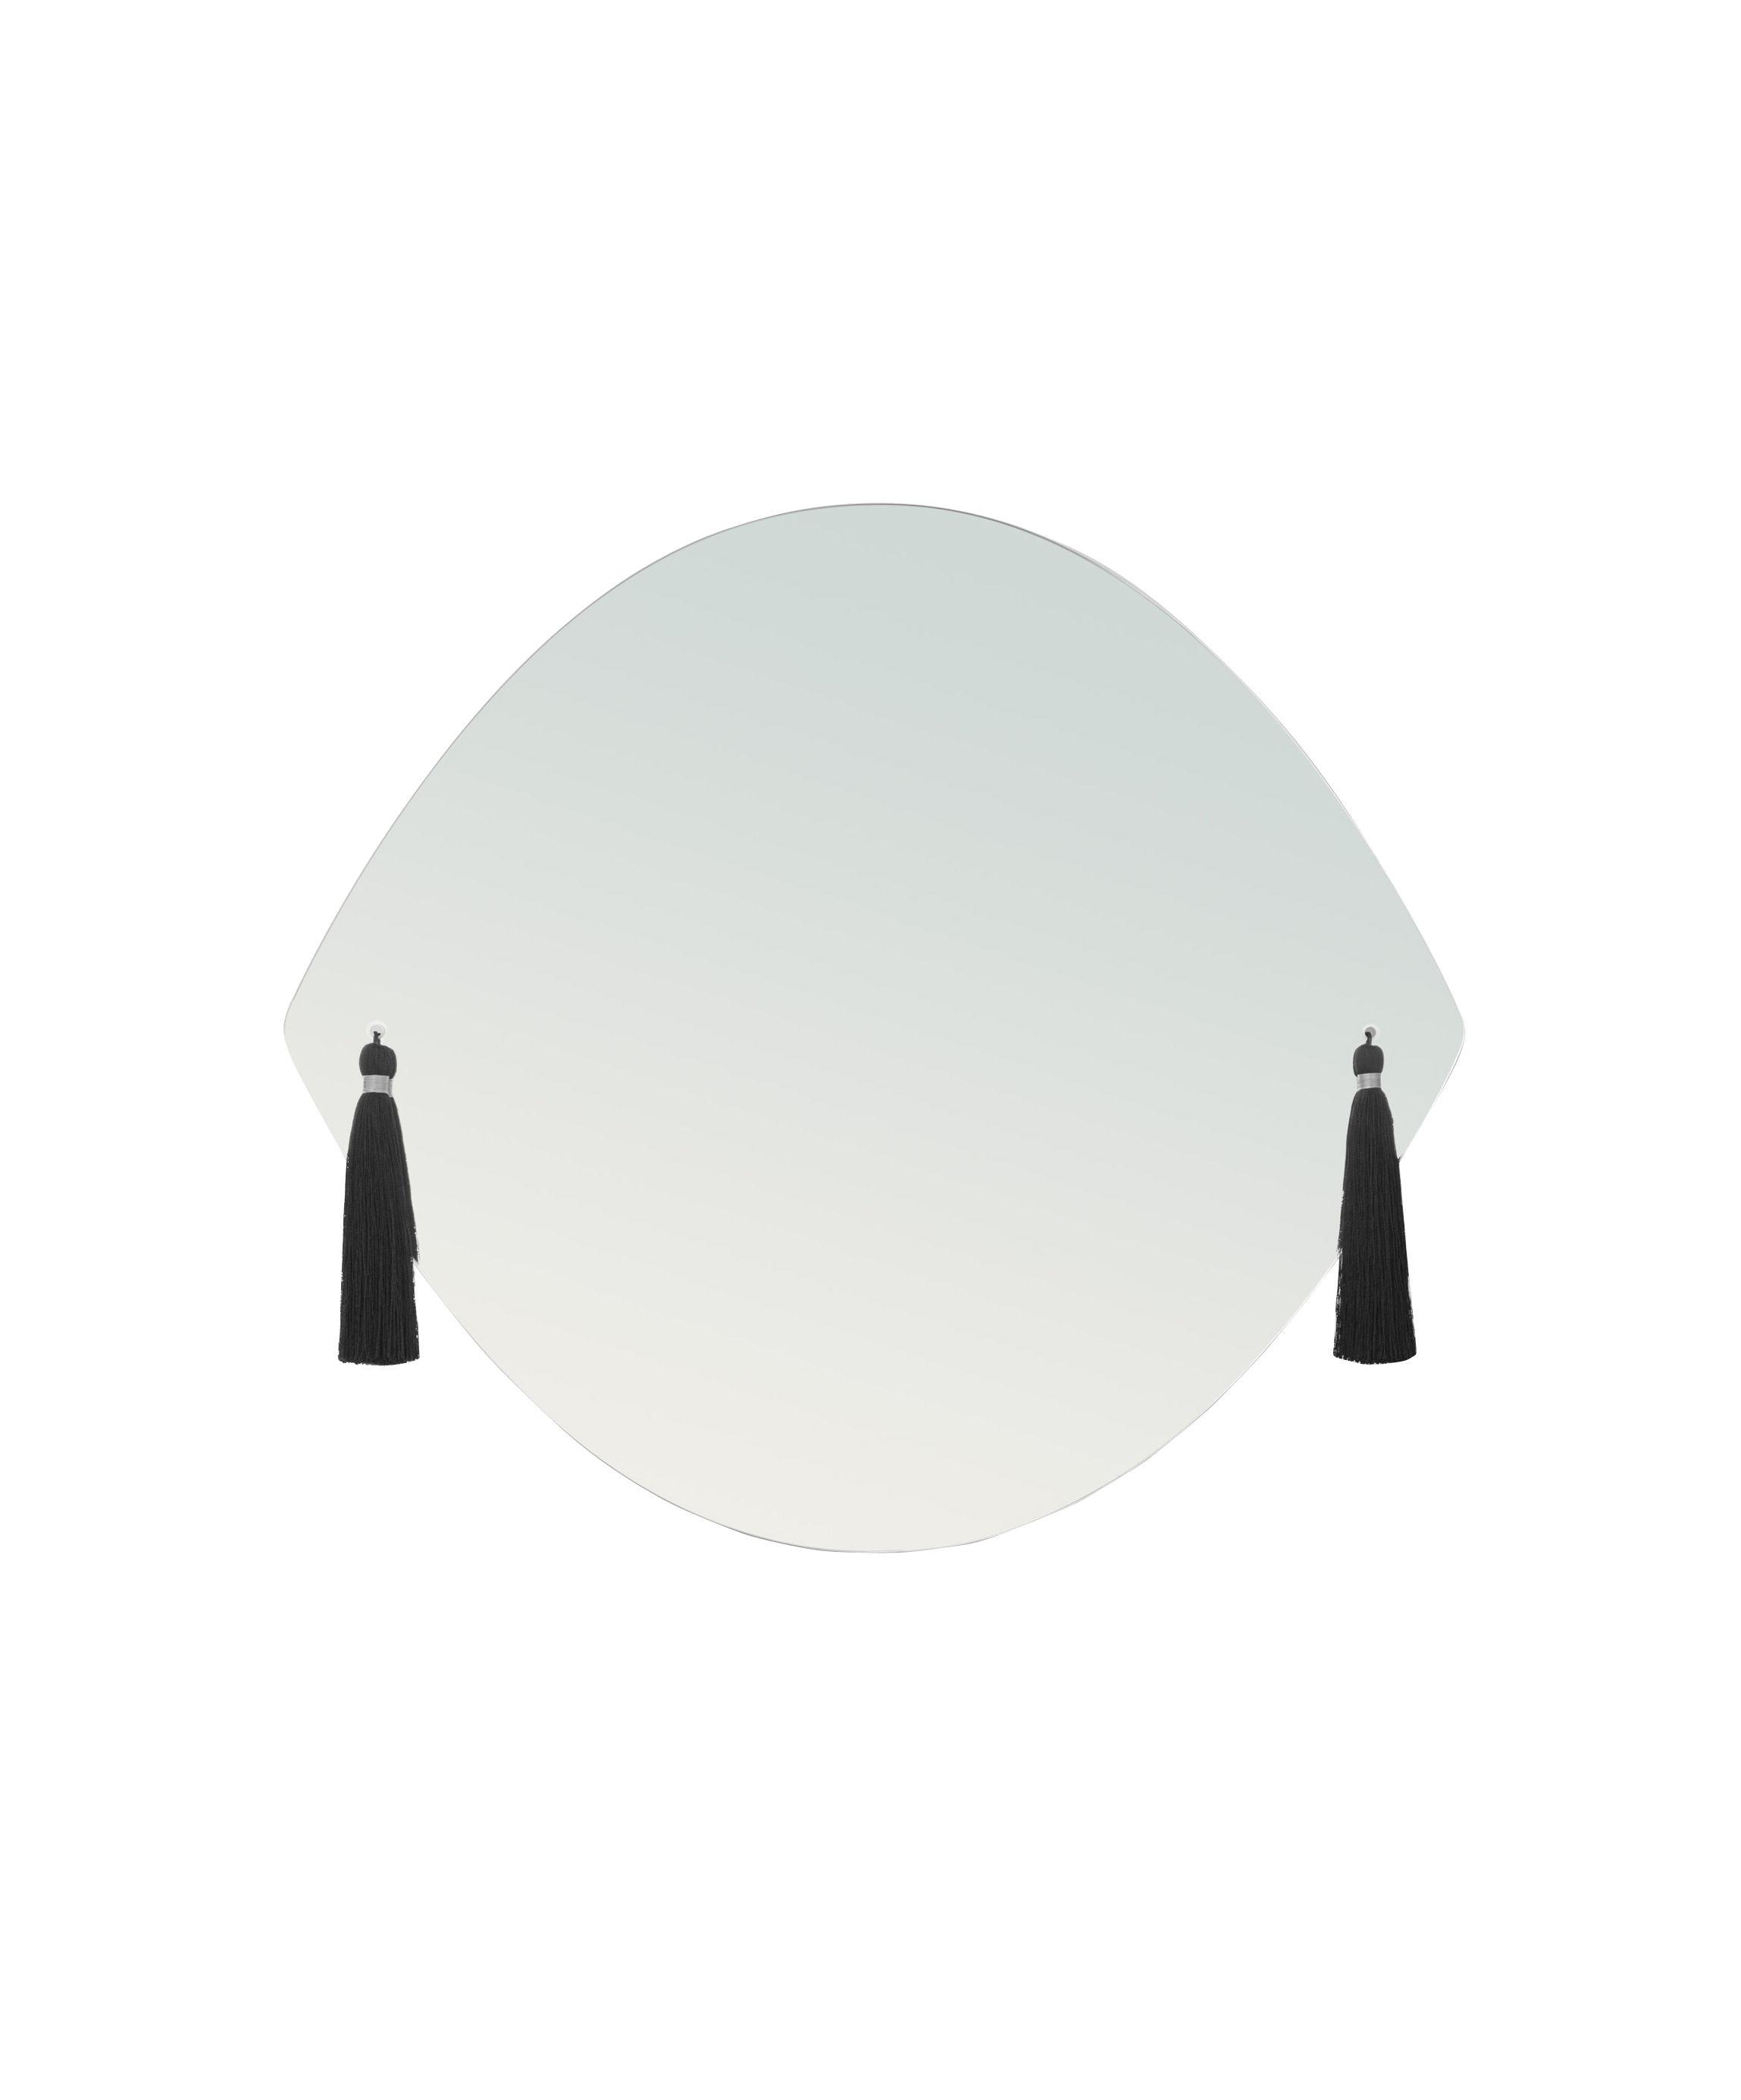 Déco - Miroirs - Miroir mural Panache Small / L 42 x H 37 cm - 6 pompons interchangeables - Petite Friture - Small - Tissu, Verre